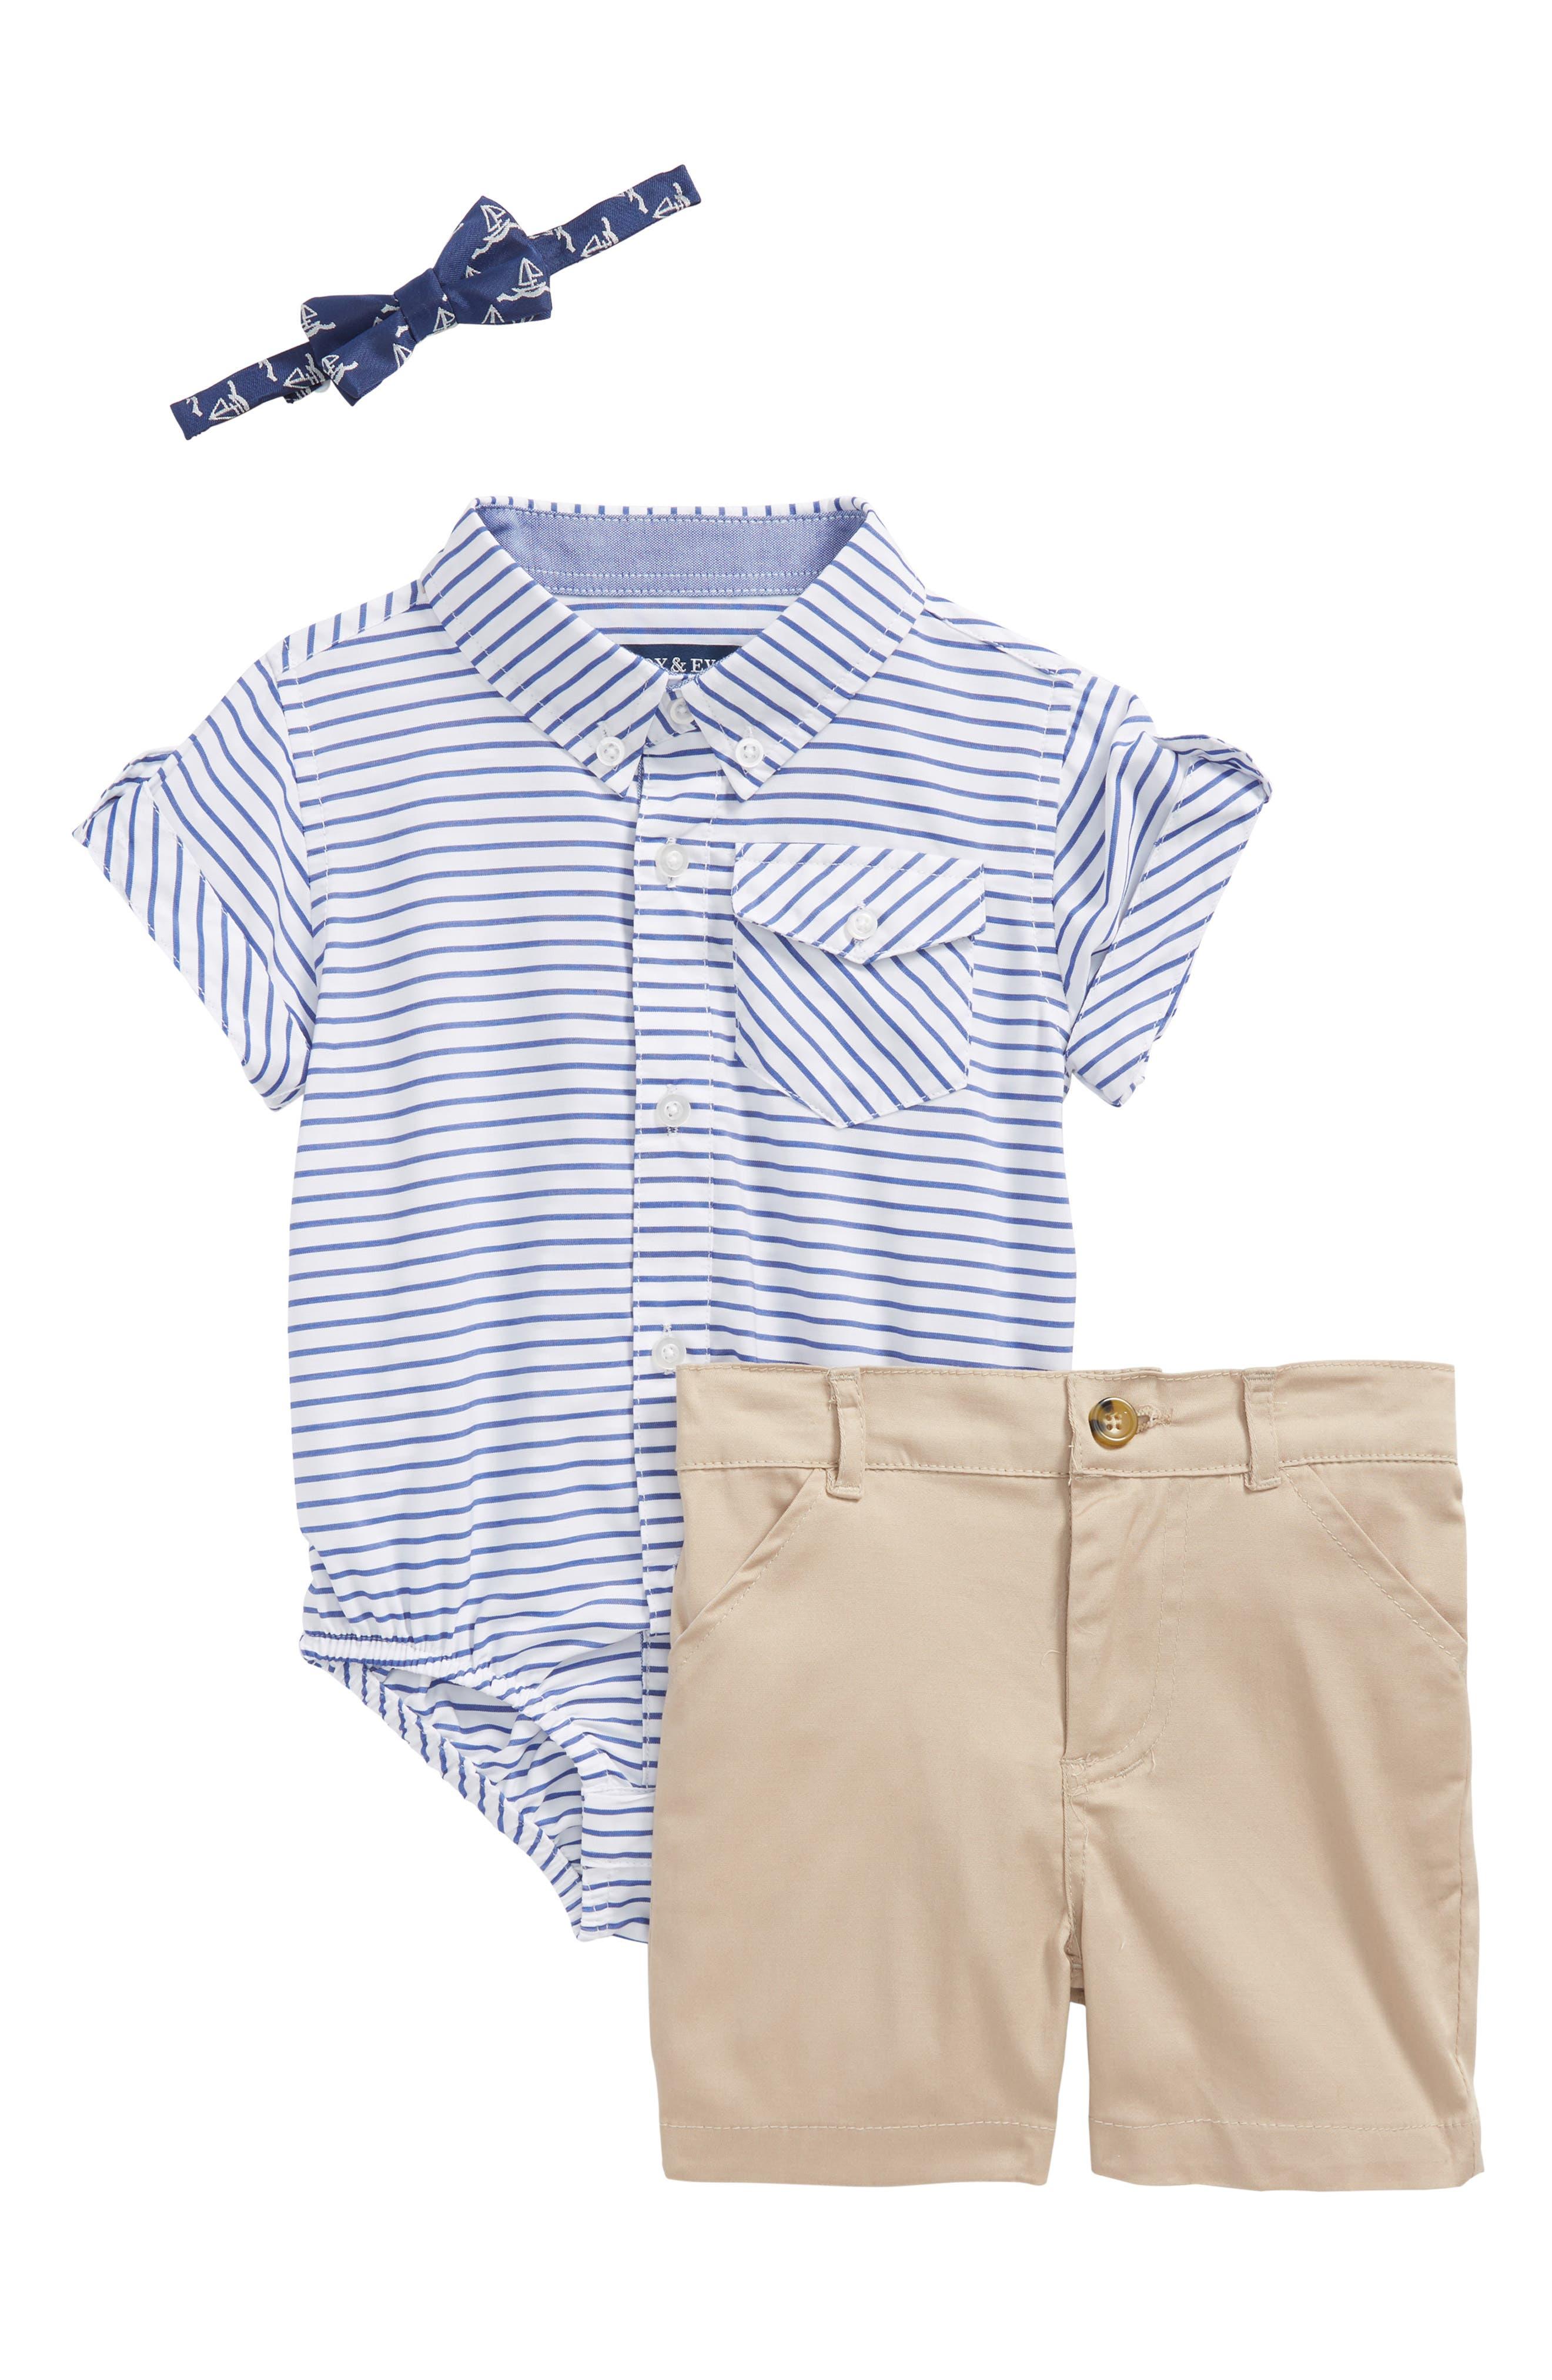 Shirtzie, Bow Tie & Shorts Set,                             Main thumbnail 1, color,                             Blue